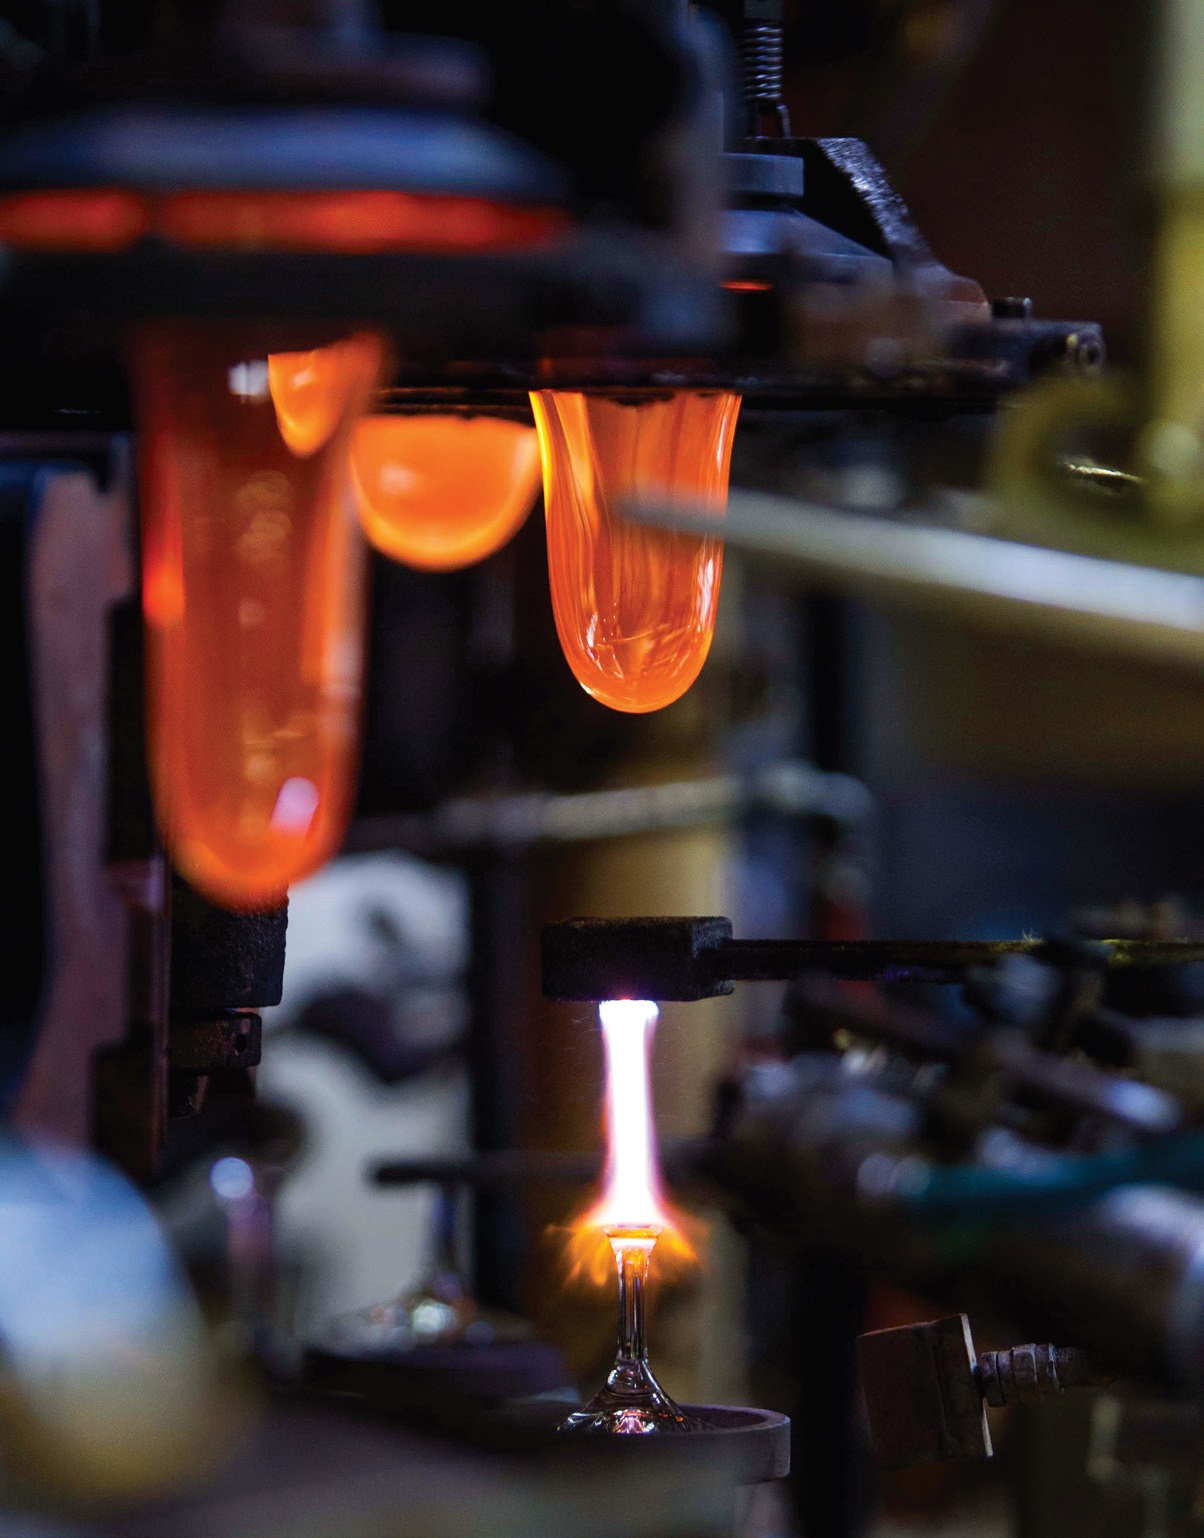 Stiklo apdirbimo pramonė Čekijoje turi kur kas ilgesnę ir turtingesnę istoriją nei daugelyje kitų šalių